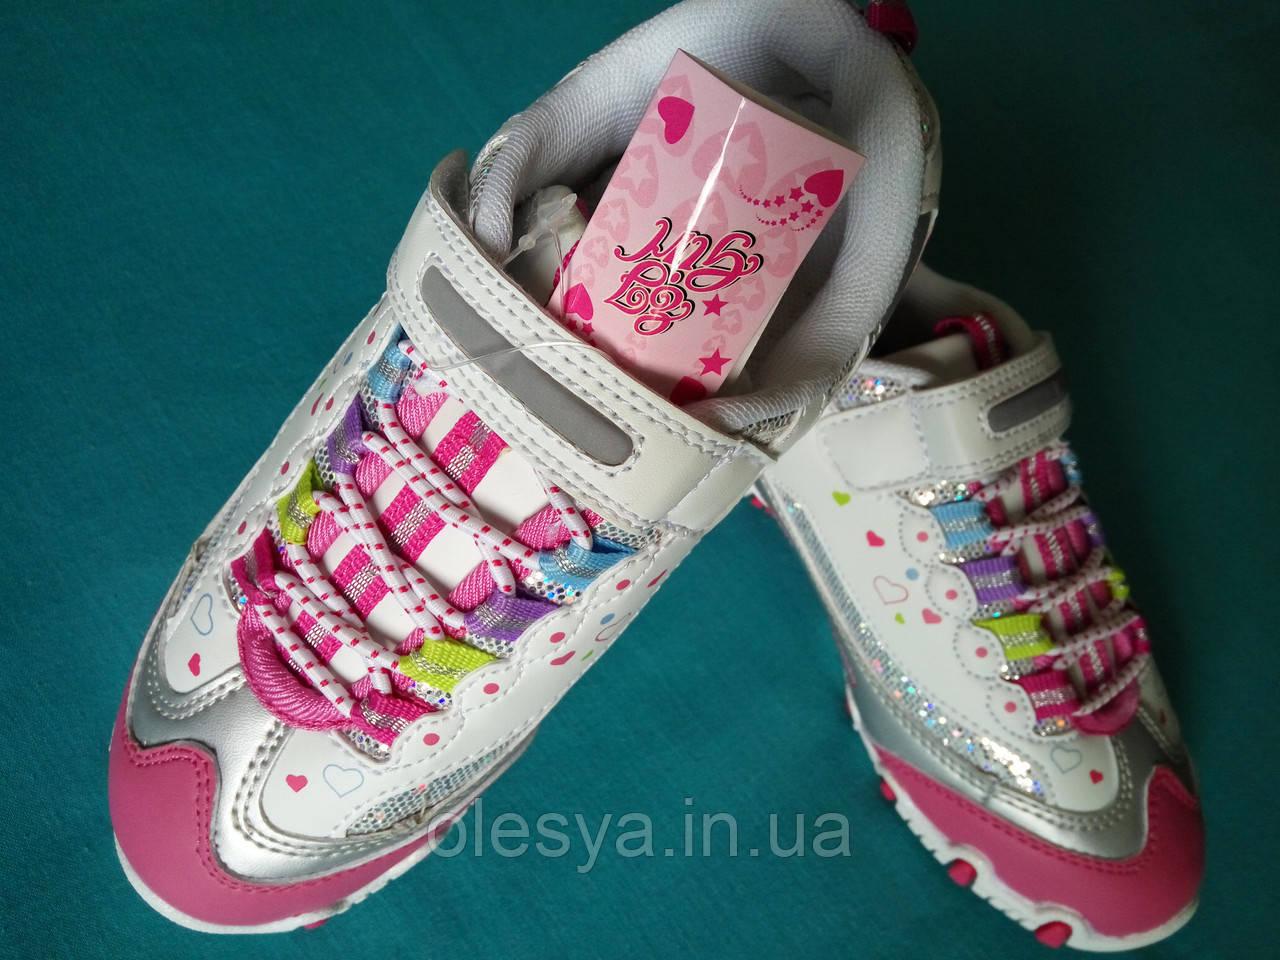 Кроссовки детские на девочку размер 35 Розово-белые Польша